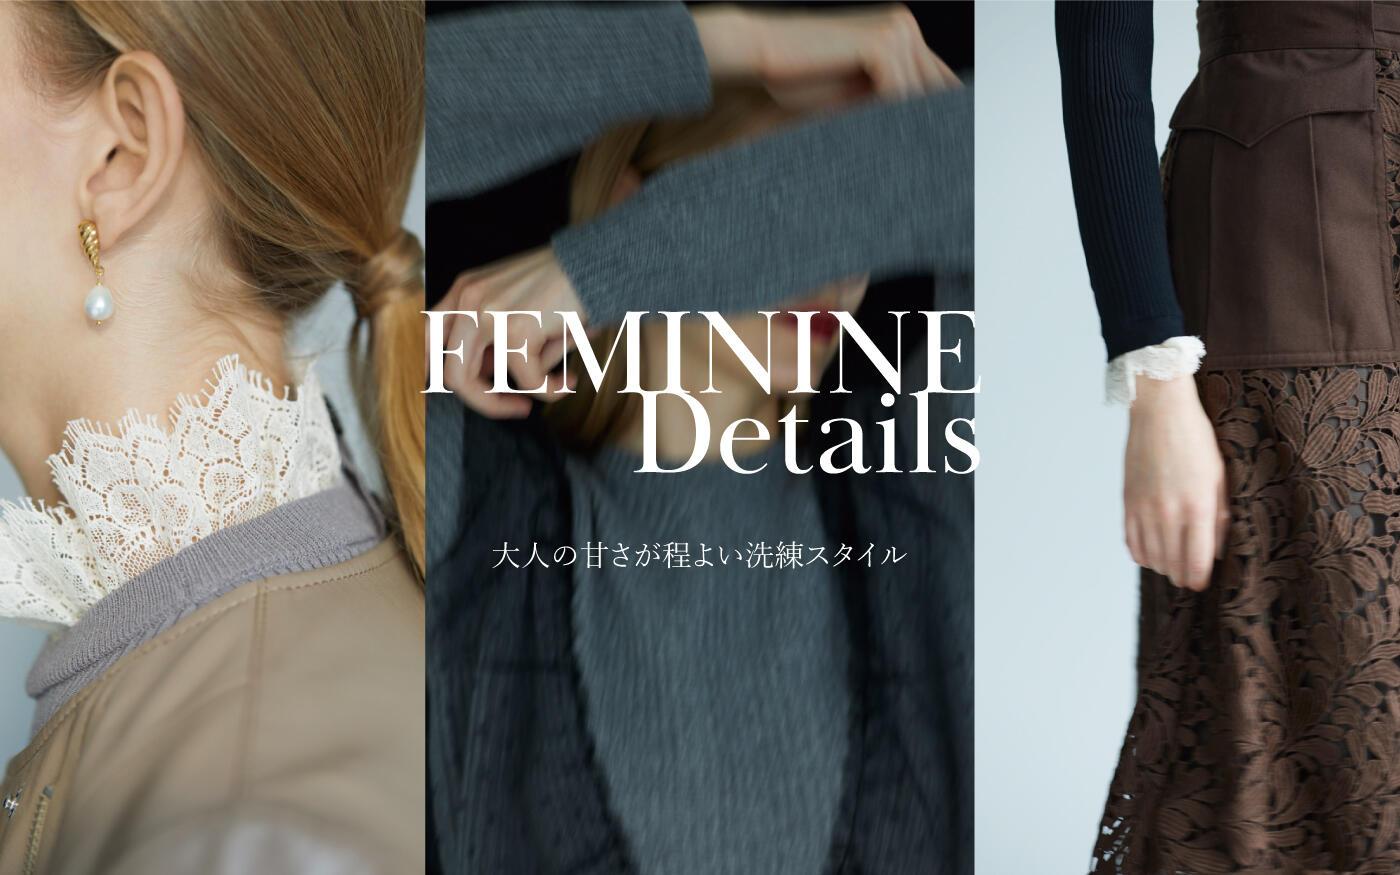 FEMININ DETAILS ー大人の甘さがほどよい洗練スタイルー